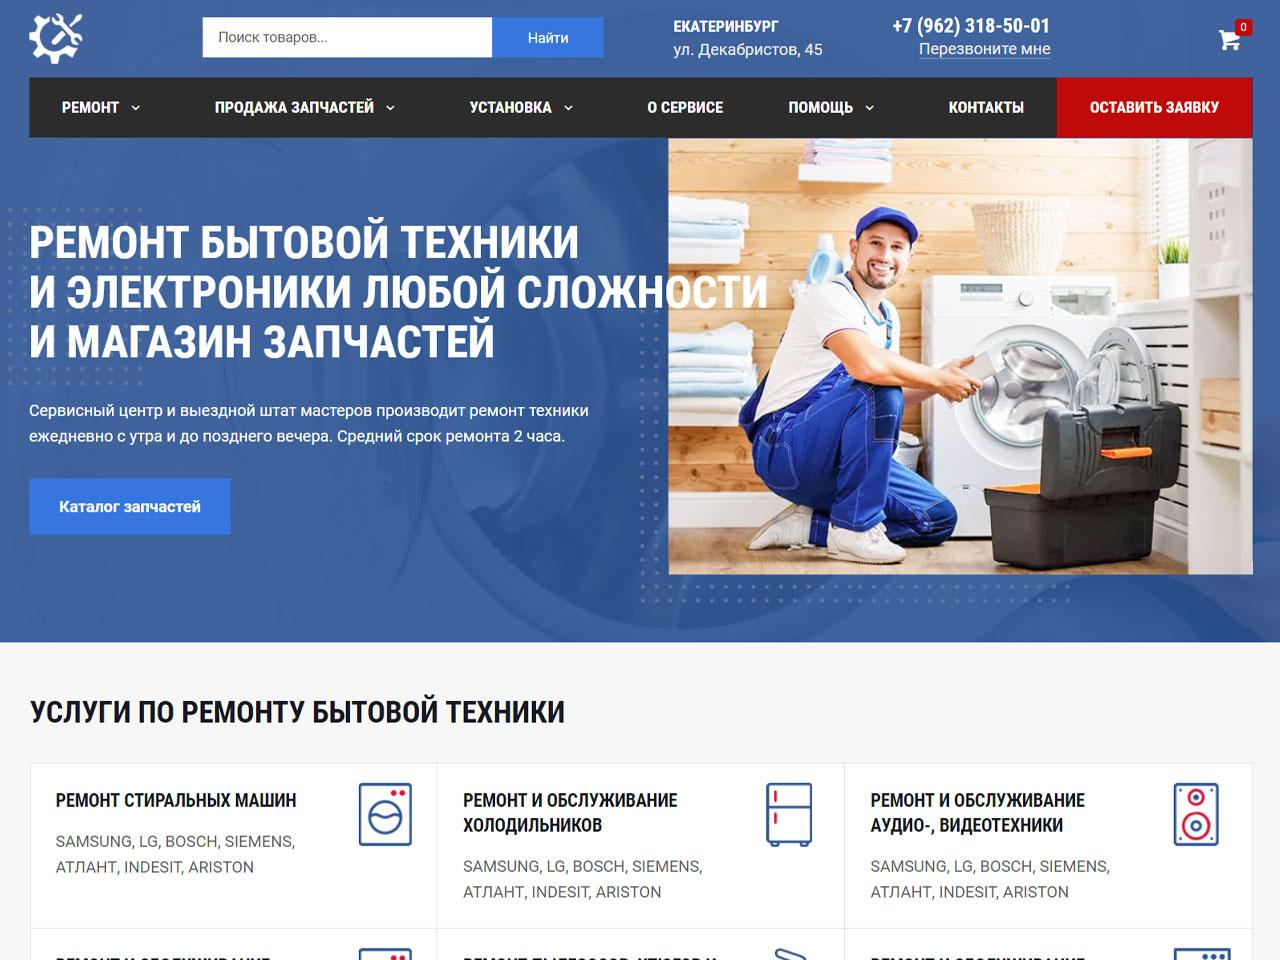 Сервисный центр бытовой техники ПРОСТОСЕРВИС